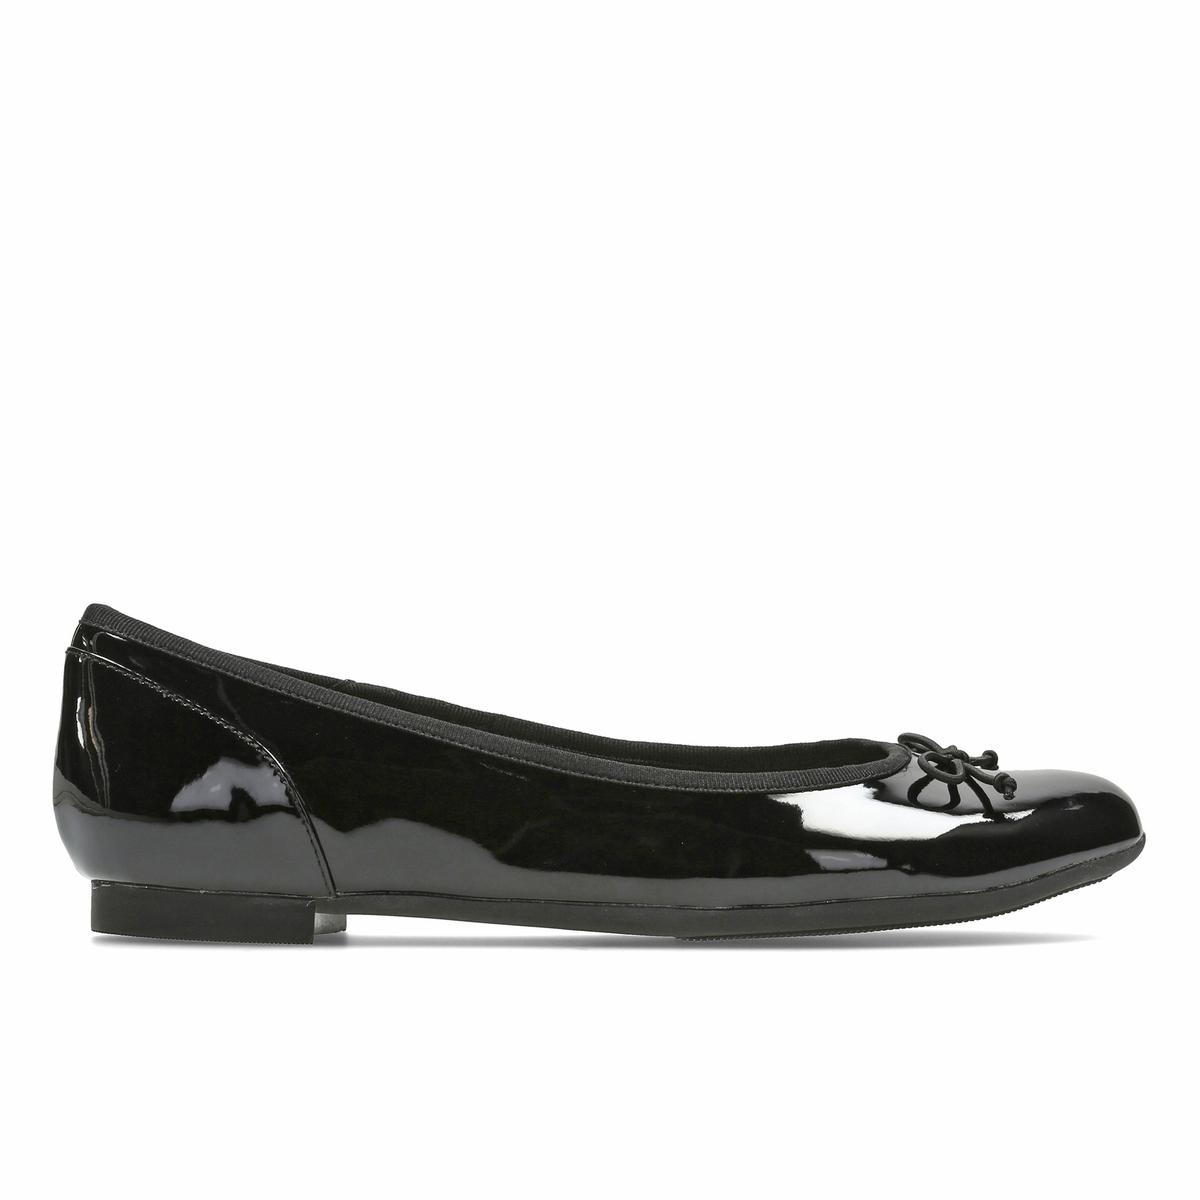 Сандалии кожаные Barley BelleВерх :  синтетика         Подкладка :  текстиль         Стелька : синтетика         Подошва : Каучук         Высота каблука : 1 см.         Форма каблука : плоский каблук         Мысок : закругленный         Застежка : Без застежки<br><br>Цвет: Черный лак<br>Размер: 40